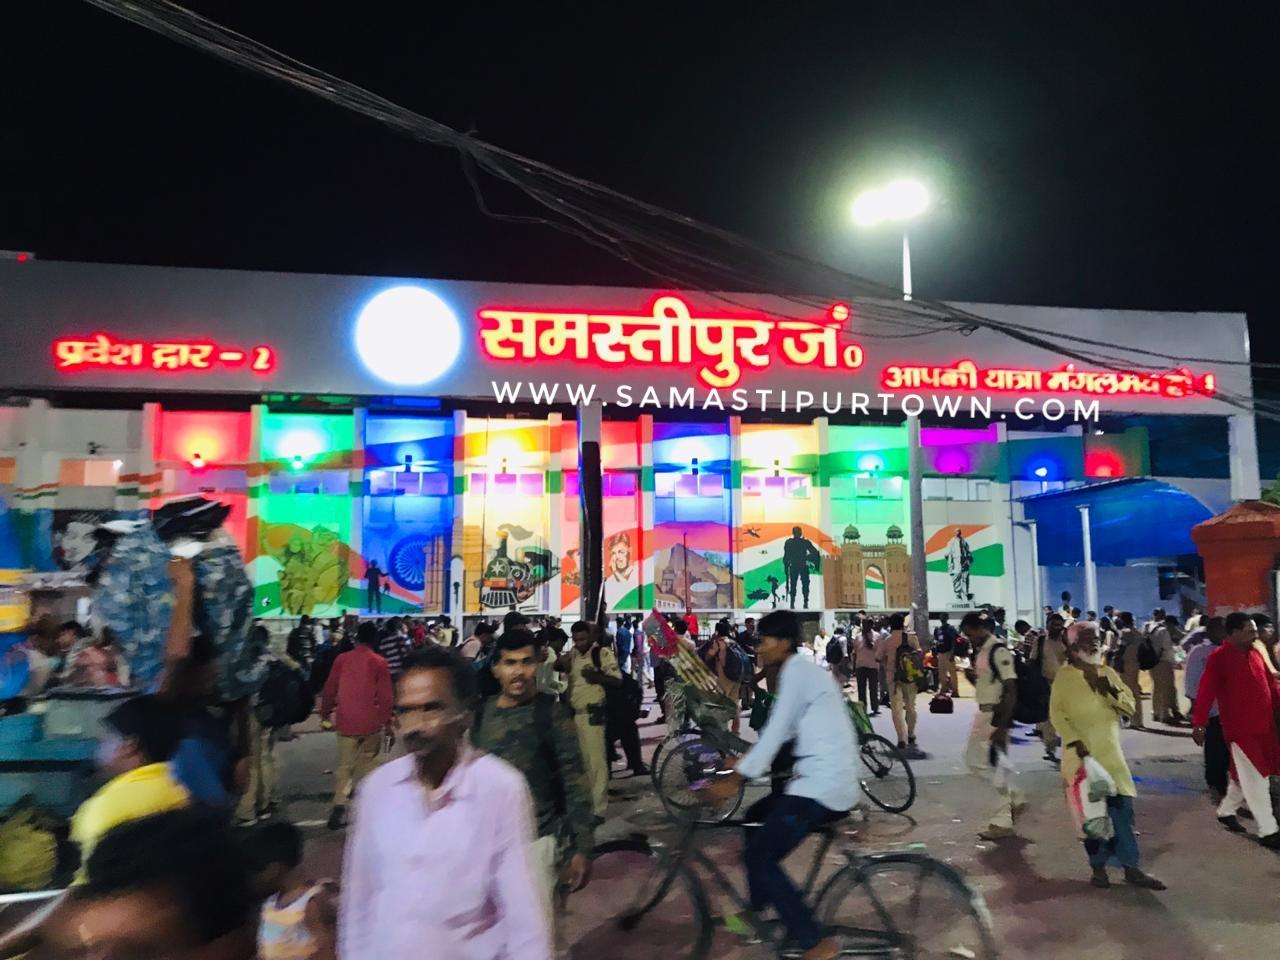 समस्तीपुर जंक्शन पर टिकट जांच अभियान में 110 यात्रियों से वसूले गये 65 हजार रुपए समस्तीपुर Town